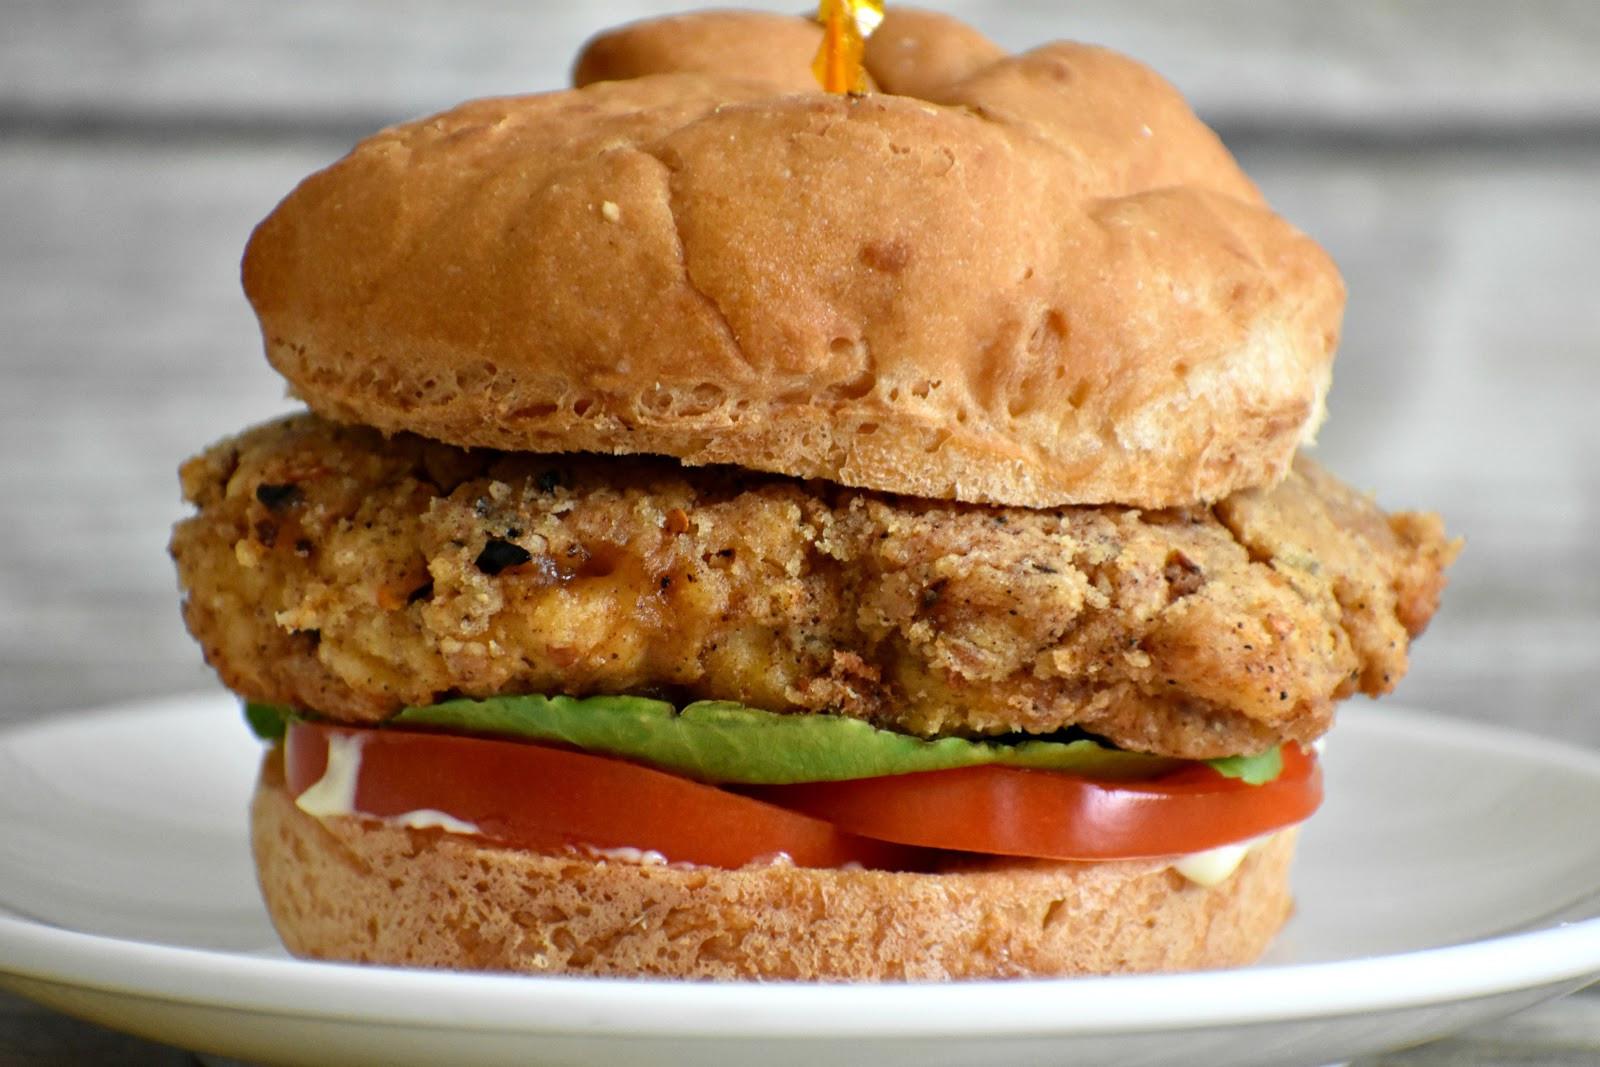 Wendys Chicken Sandwiches  Spicy Chicken Sandwich Wendy s Copycat Gluten Free